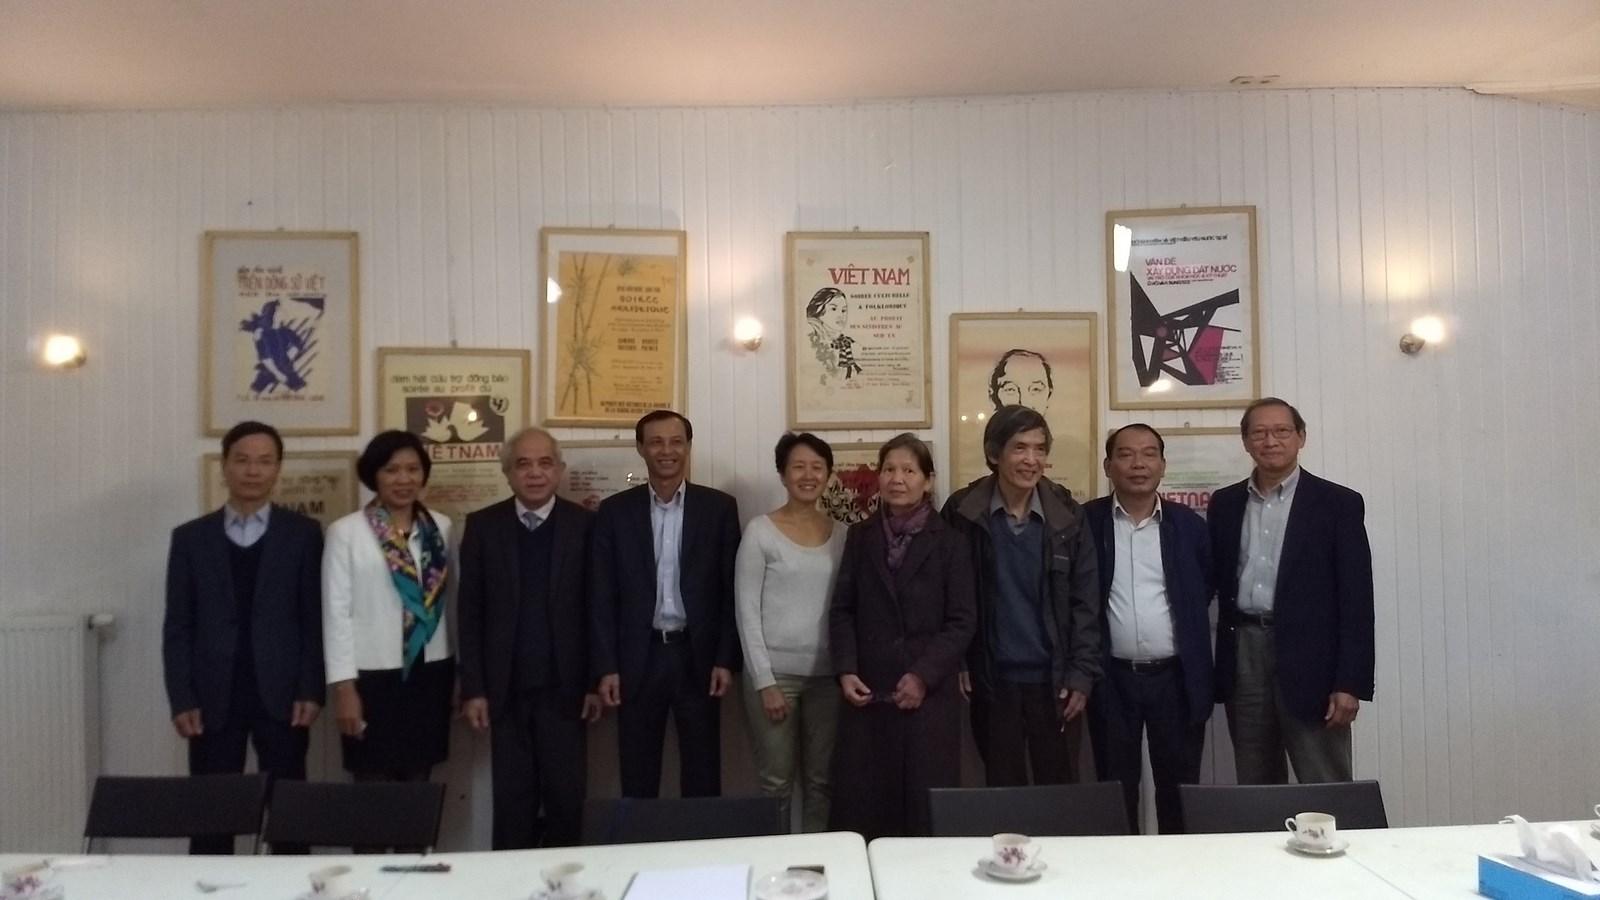 Đoàn công tác Uỷ ban Nhà nước về người VN ở nước ngoài thăm và làm việc tại Bỉ